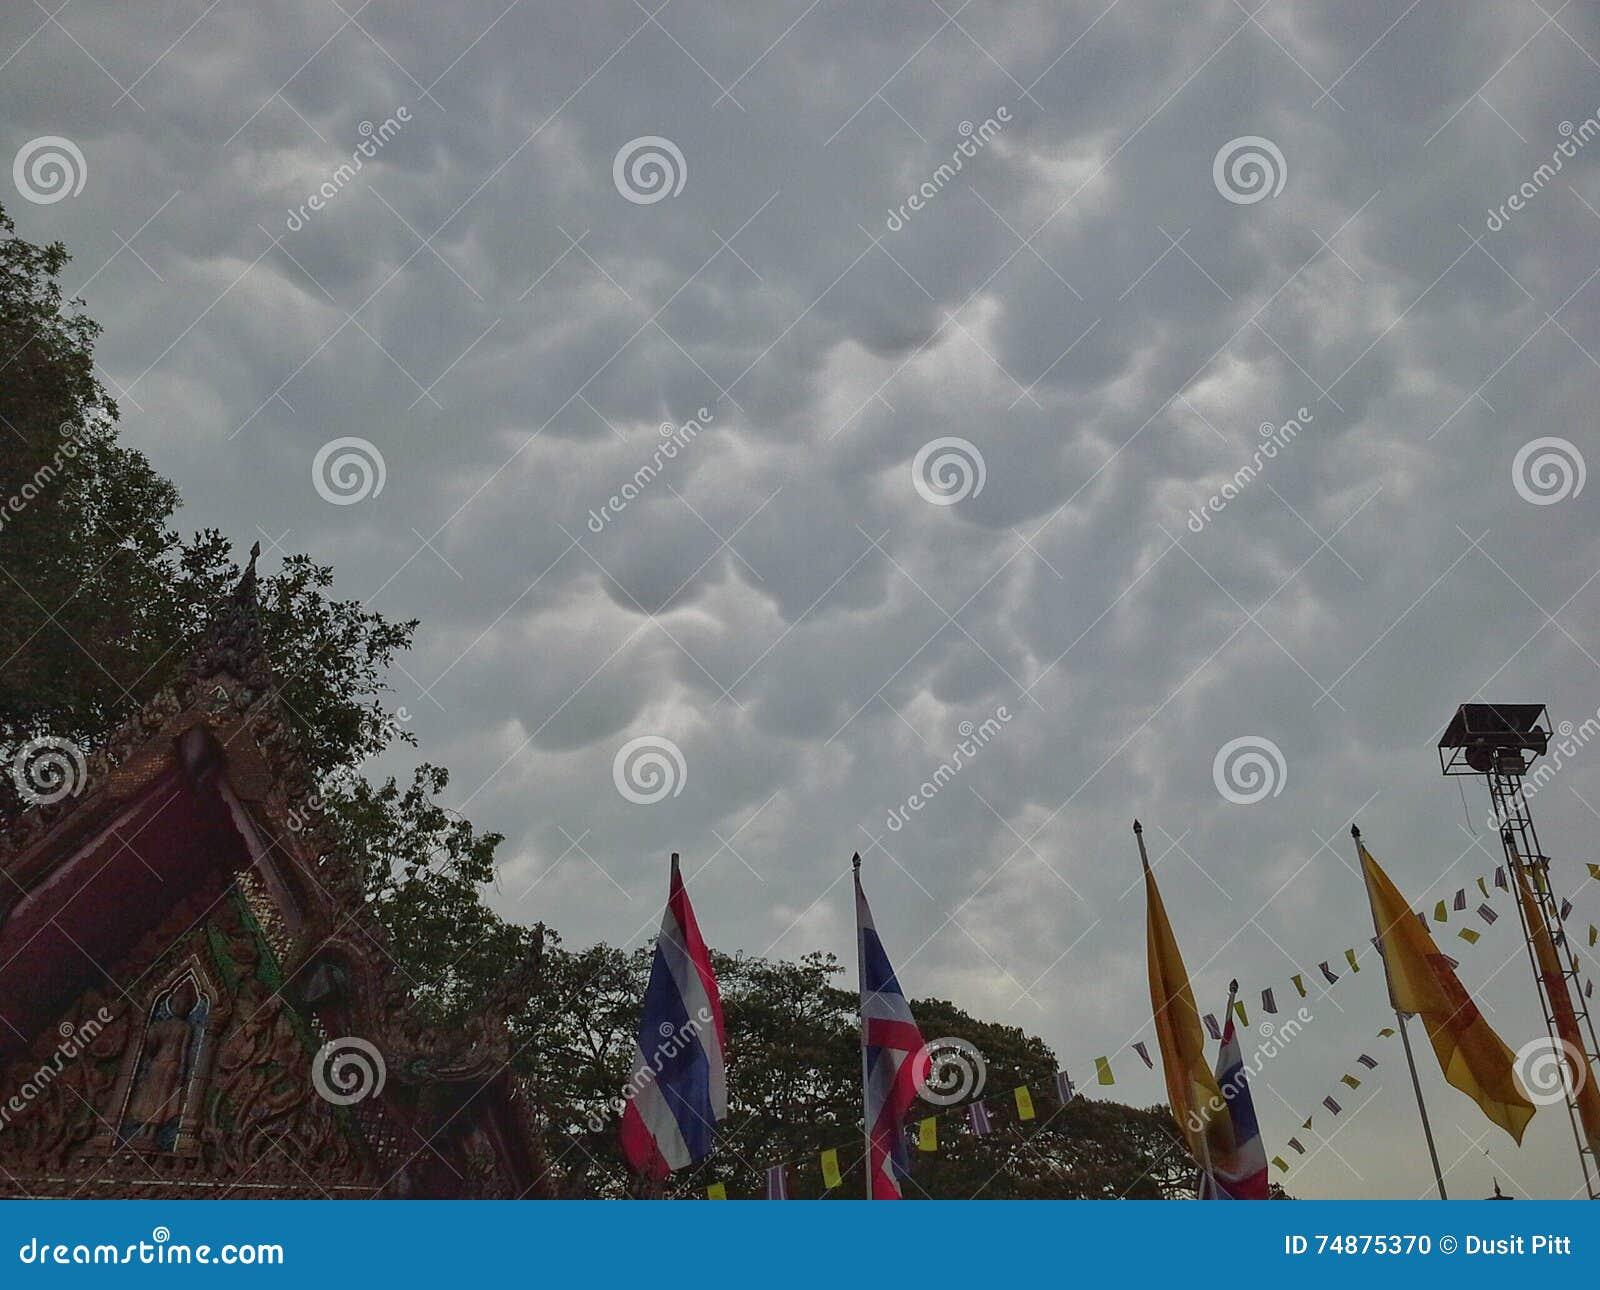 Bewölkt vor Regen nahe thailändischem Tempel, Hadyai, Thailand